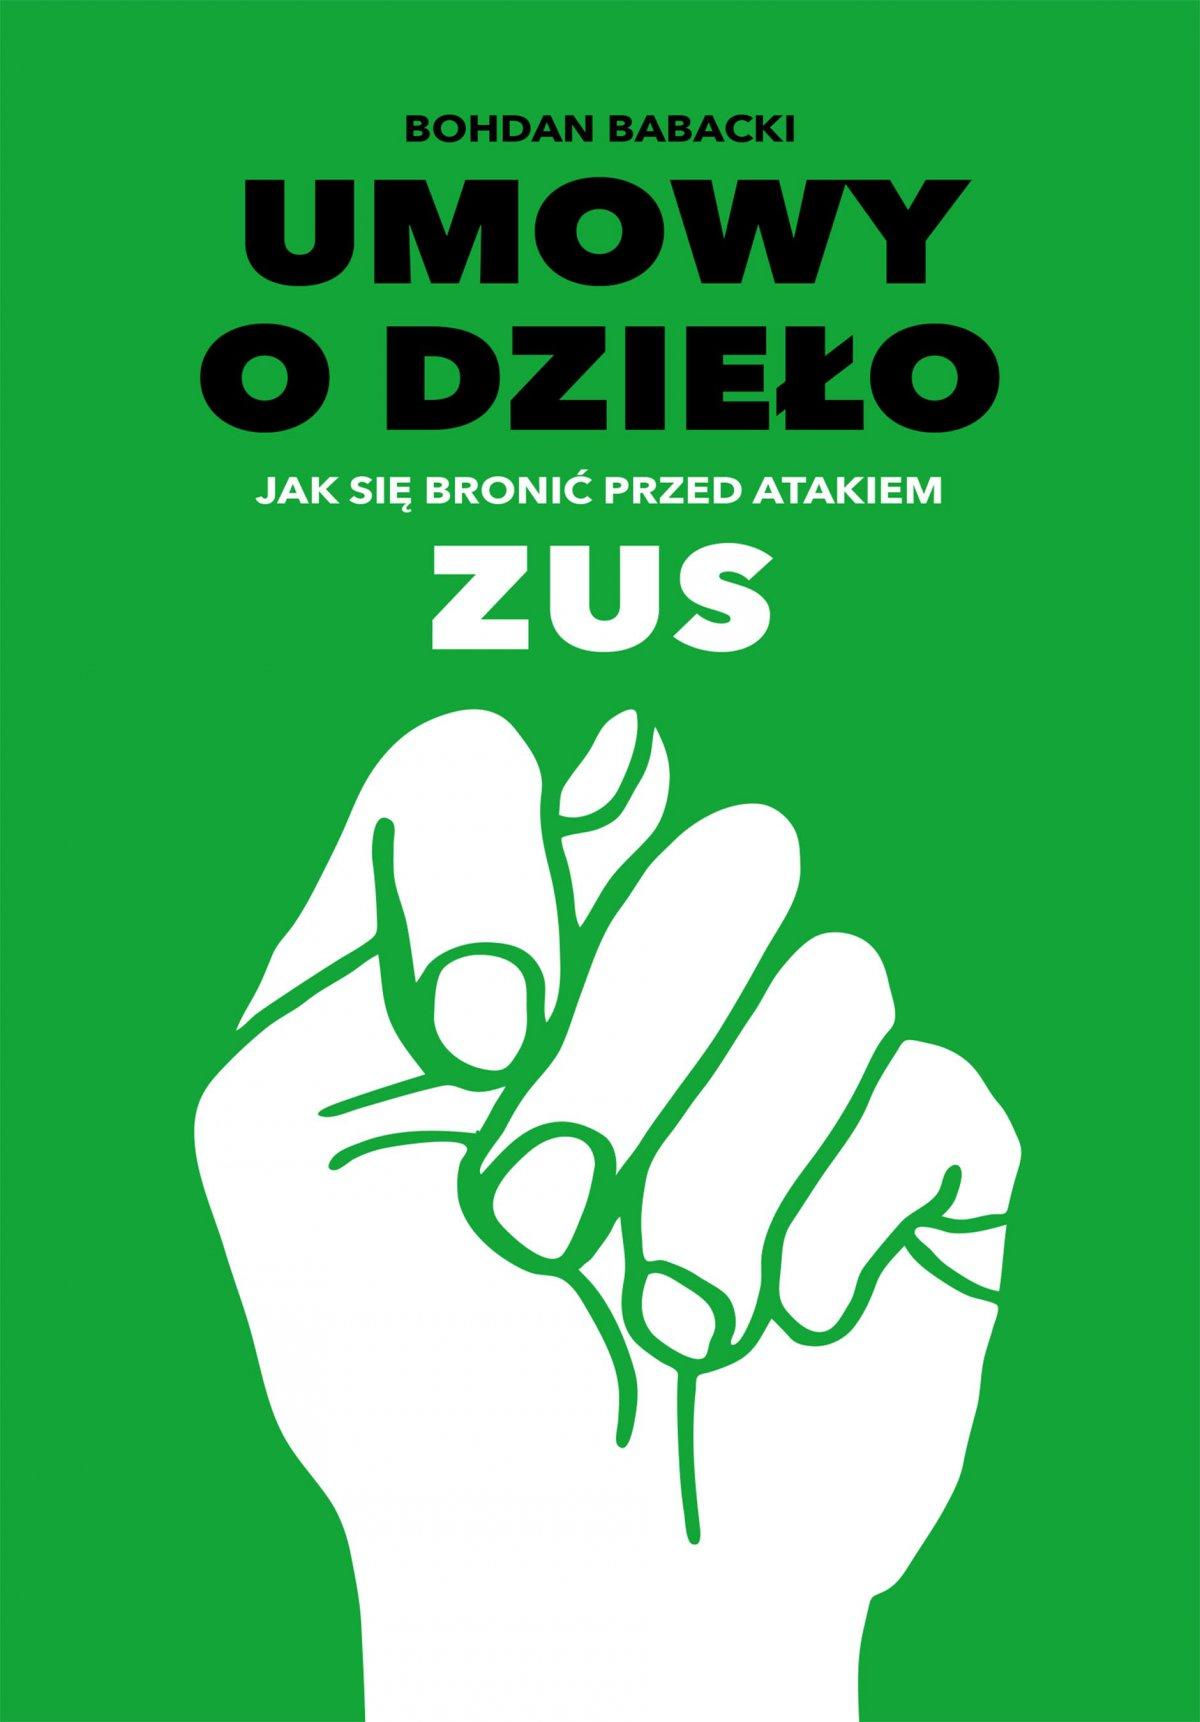 Umowy o dzieło. Jak się bronić przed atakiem ZUS - Ebook (Książka na Kindle) do pobrania w formacie MOBI